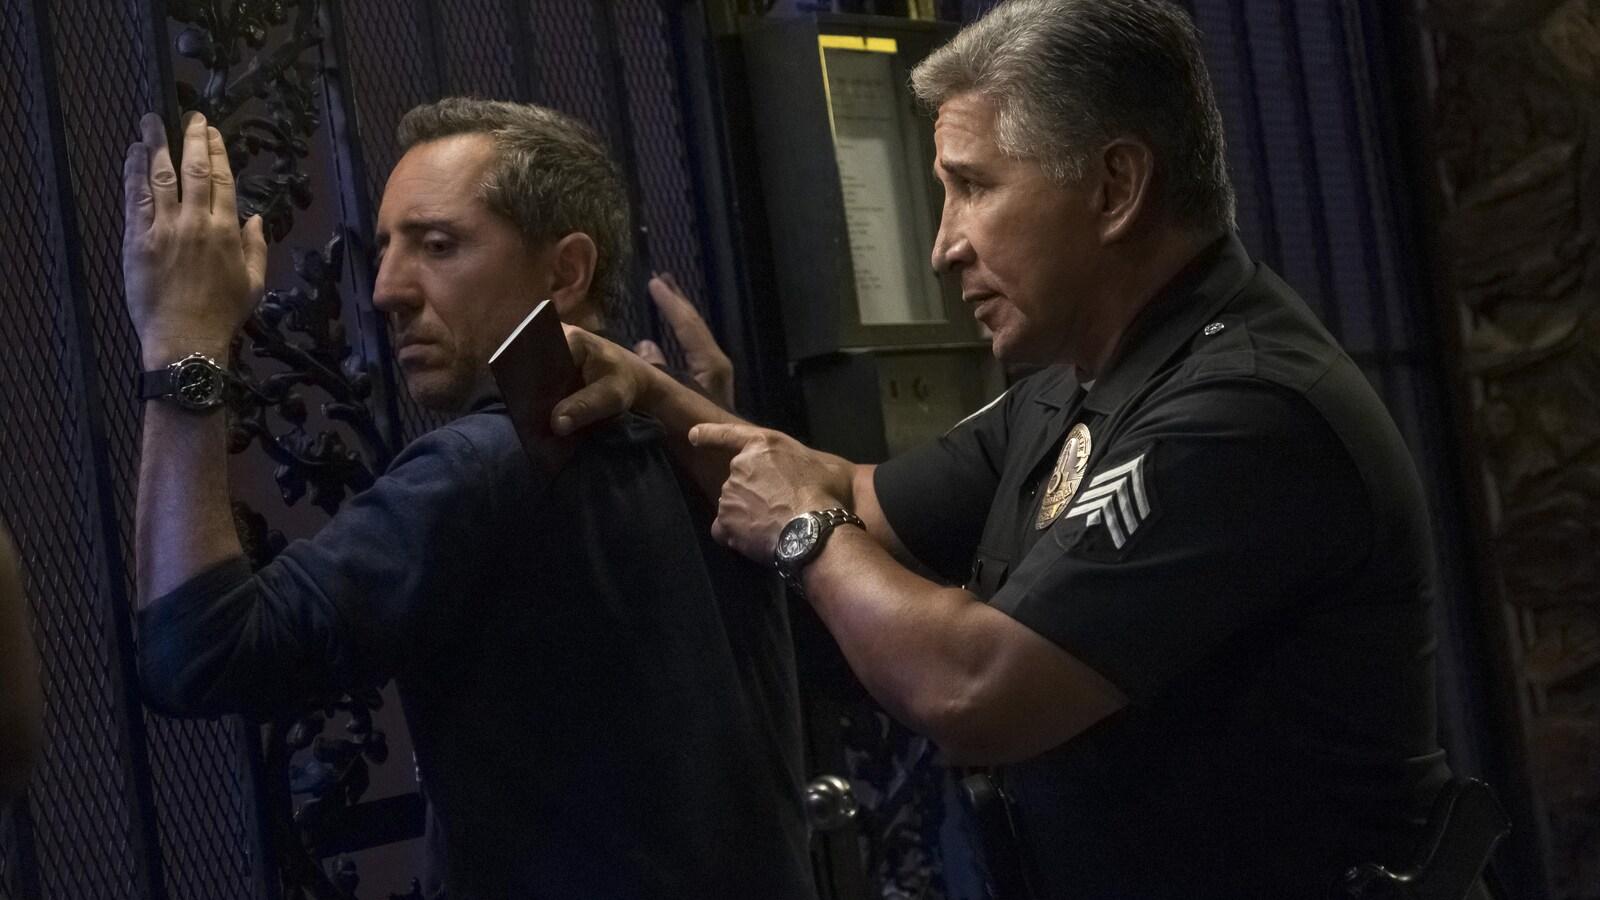 L'humoriste se tient les mains en l'air et est maintenu au mur par un gardien de sécurité.